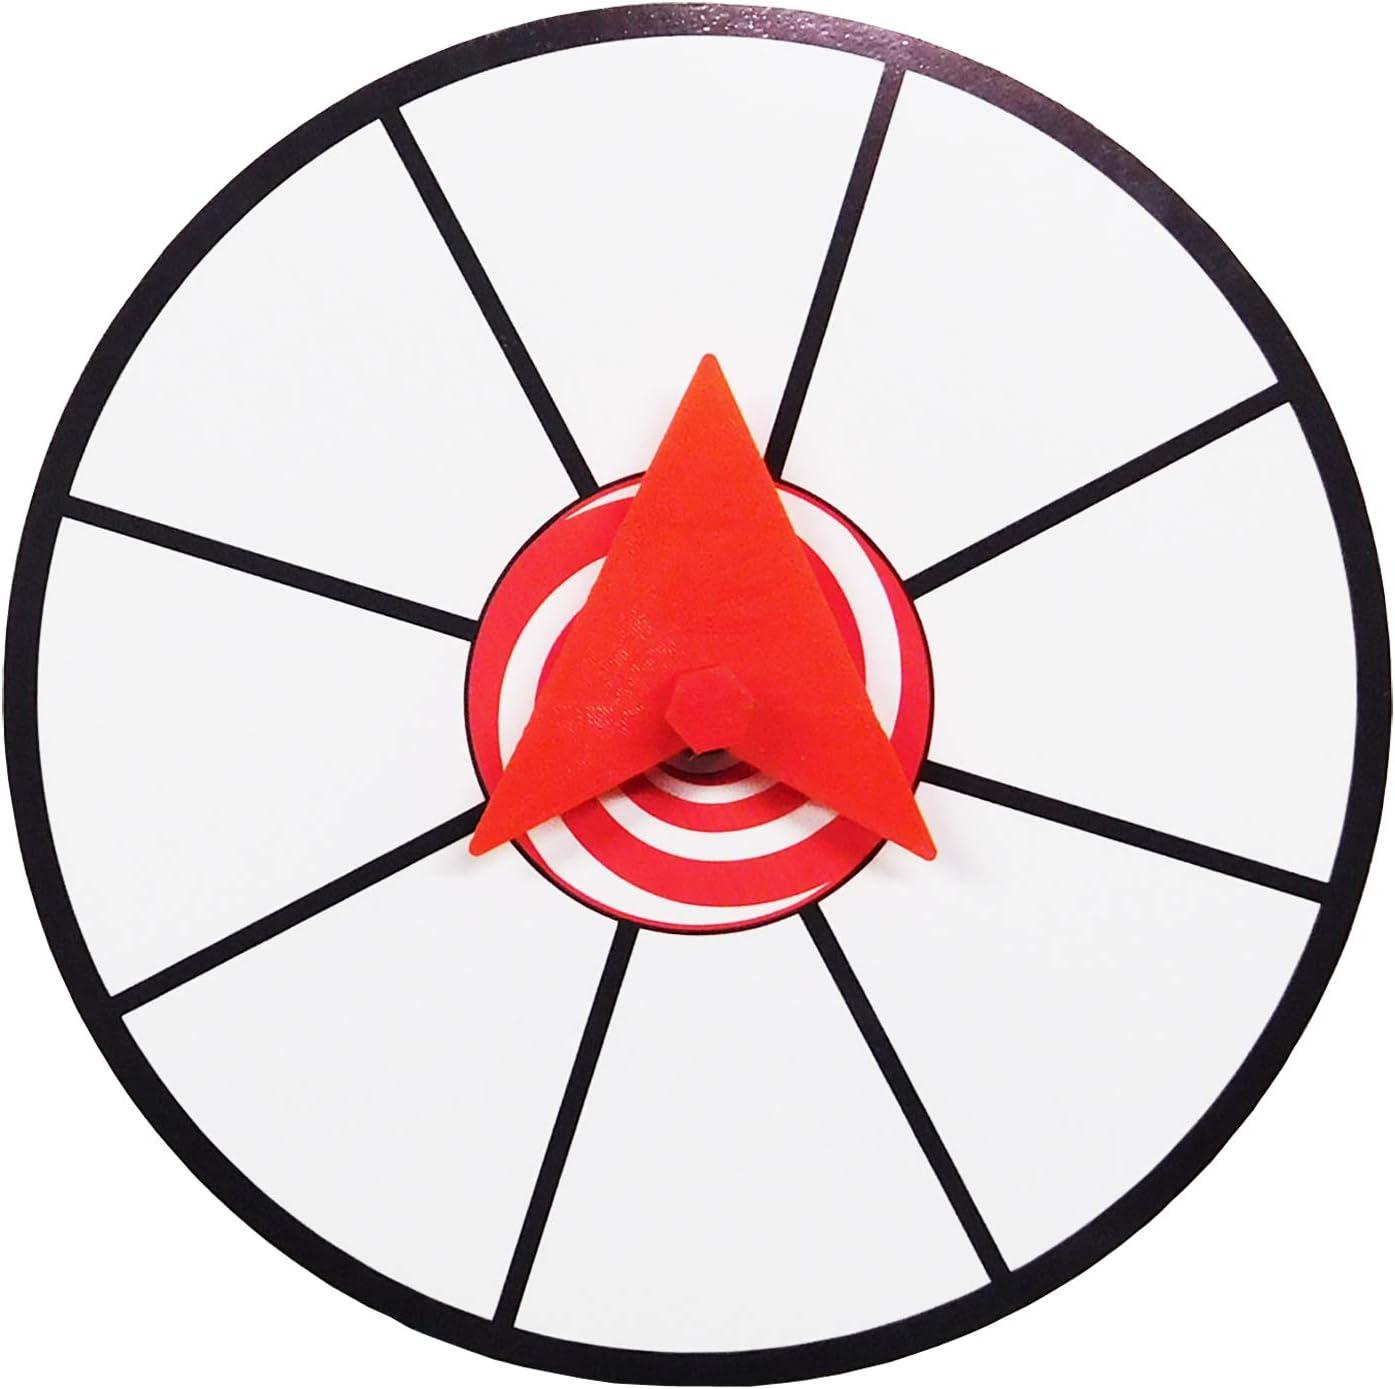 Prize Wheel - Soporte magnético para frigorífico, Pizarra Blanca ...